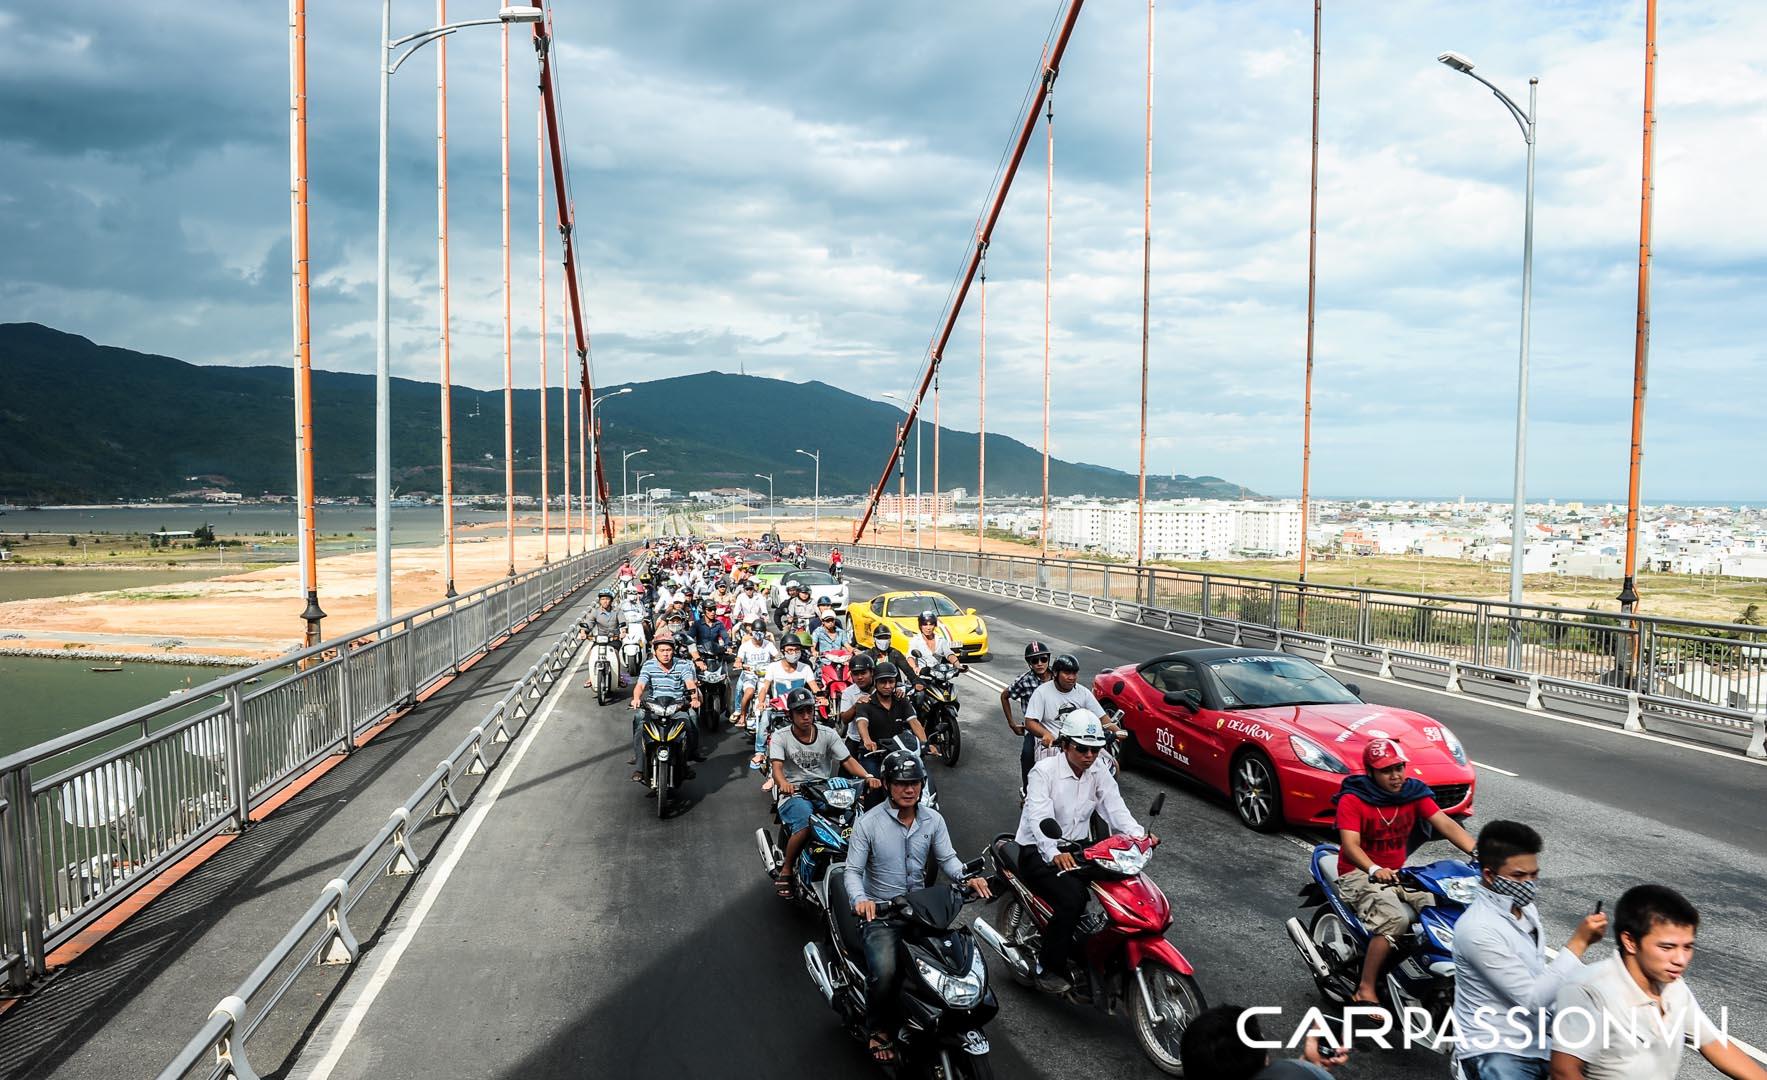 CP-Hành trình siêu xe CarPassion 2011 Day 5 (169).jpg